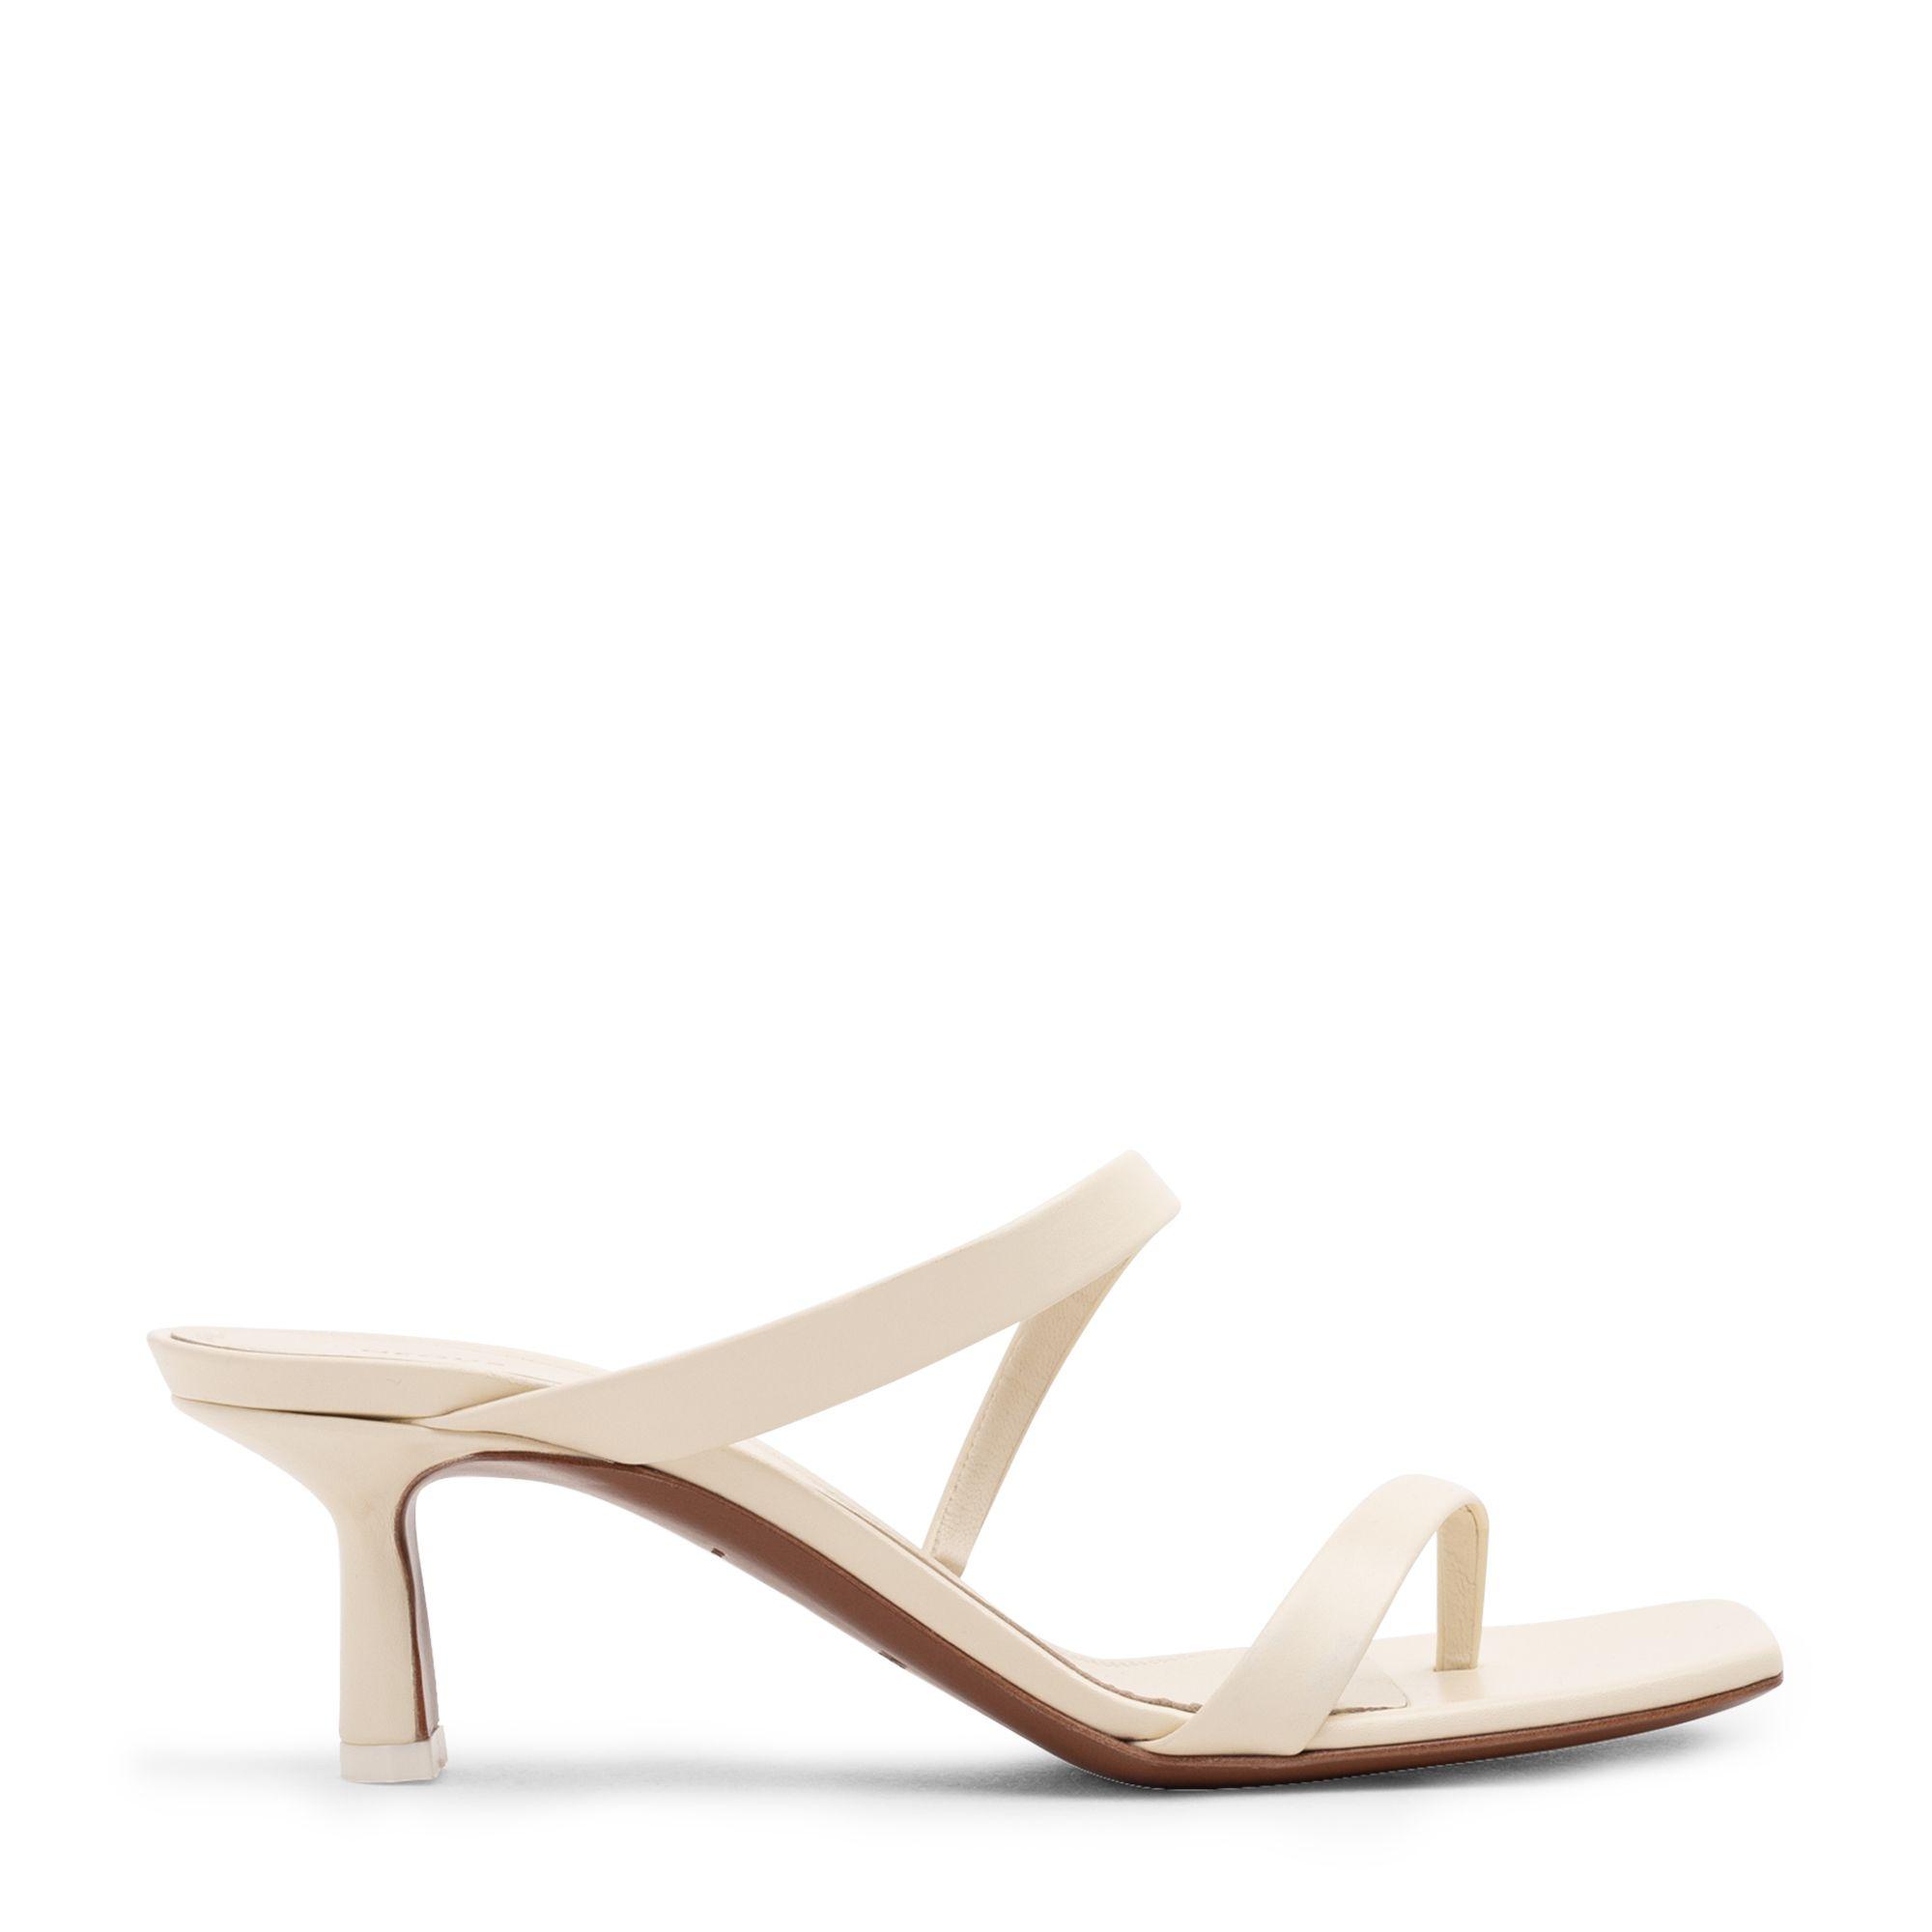 Meissa sandals